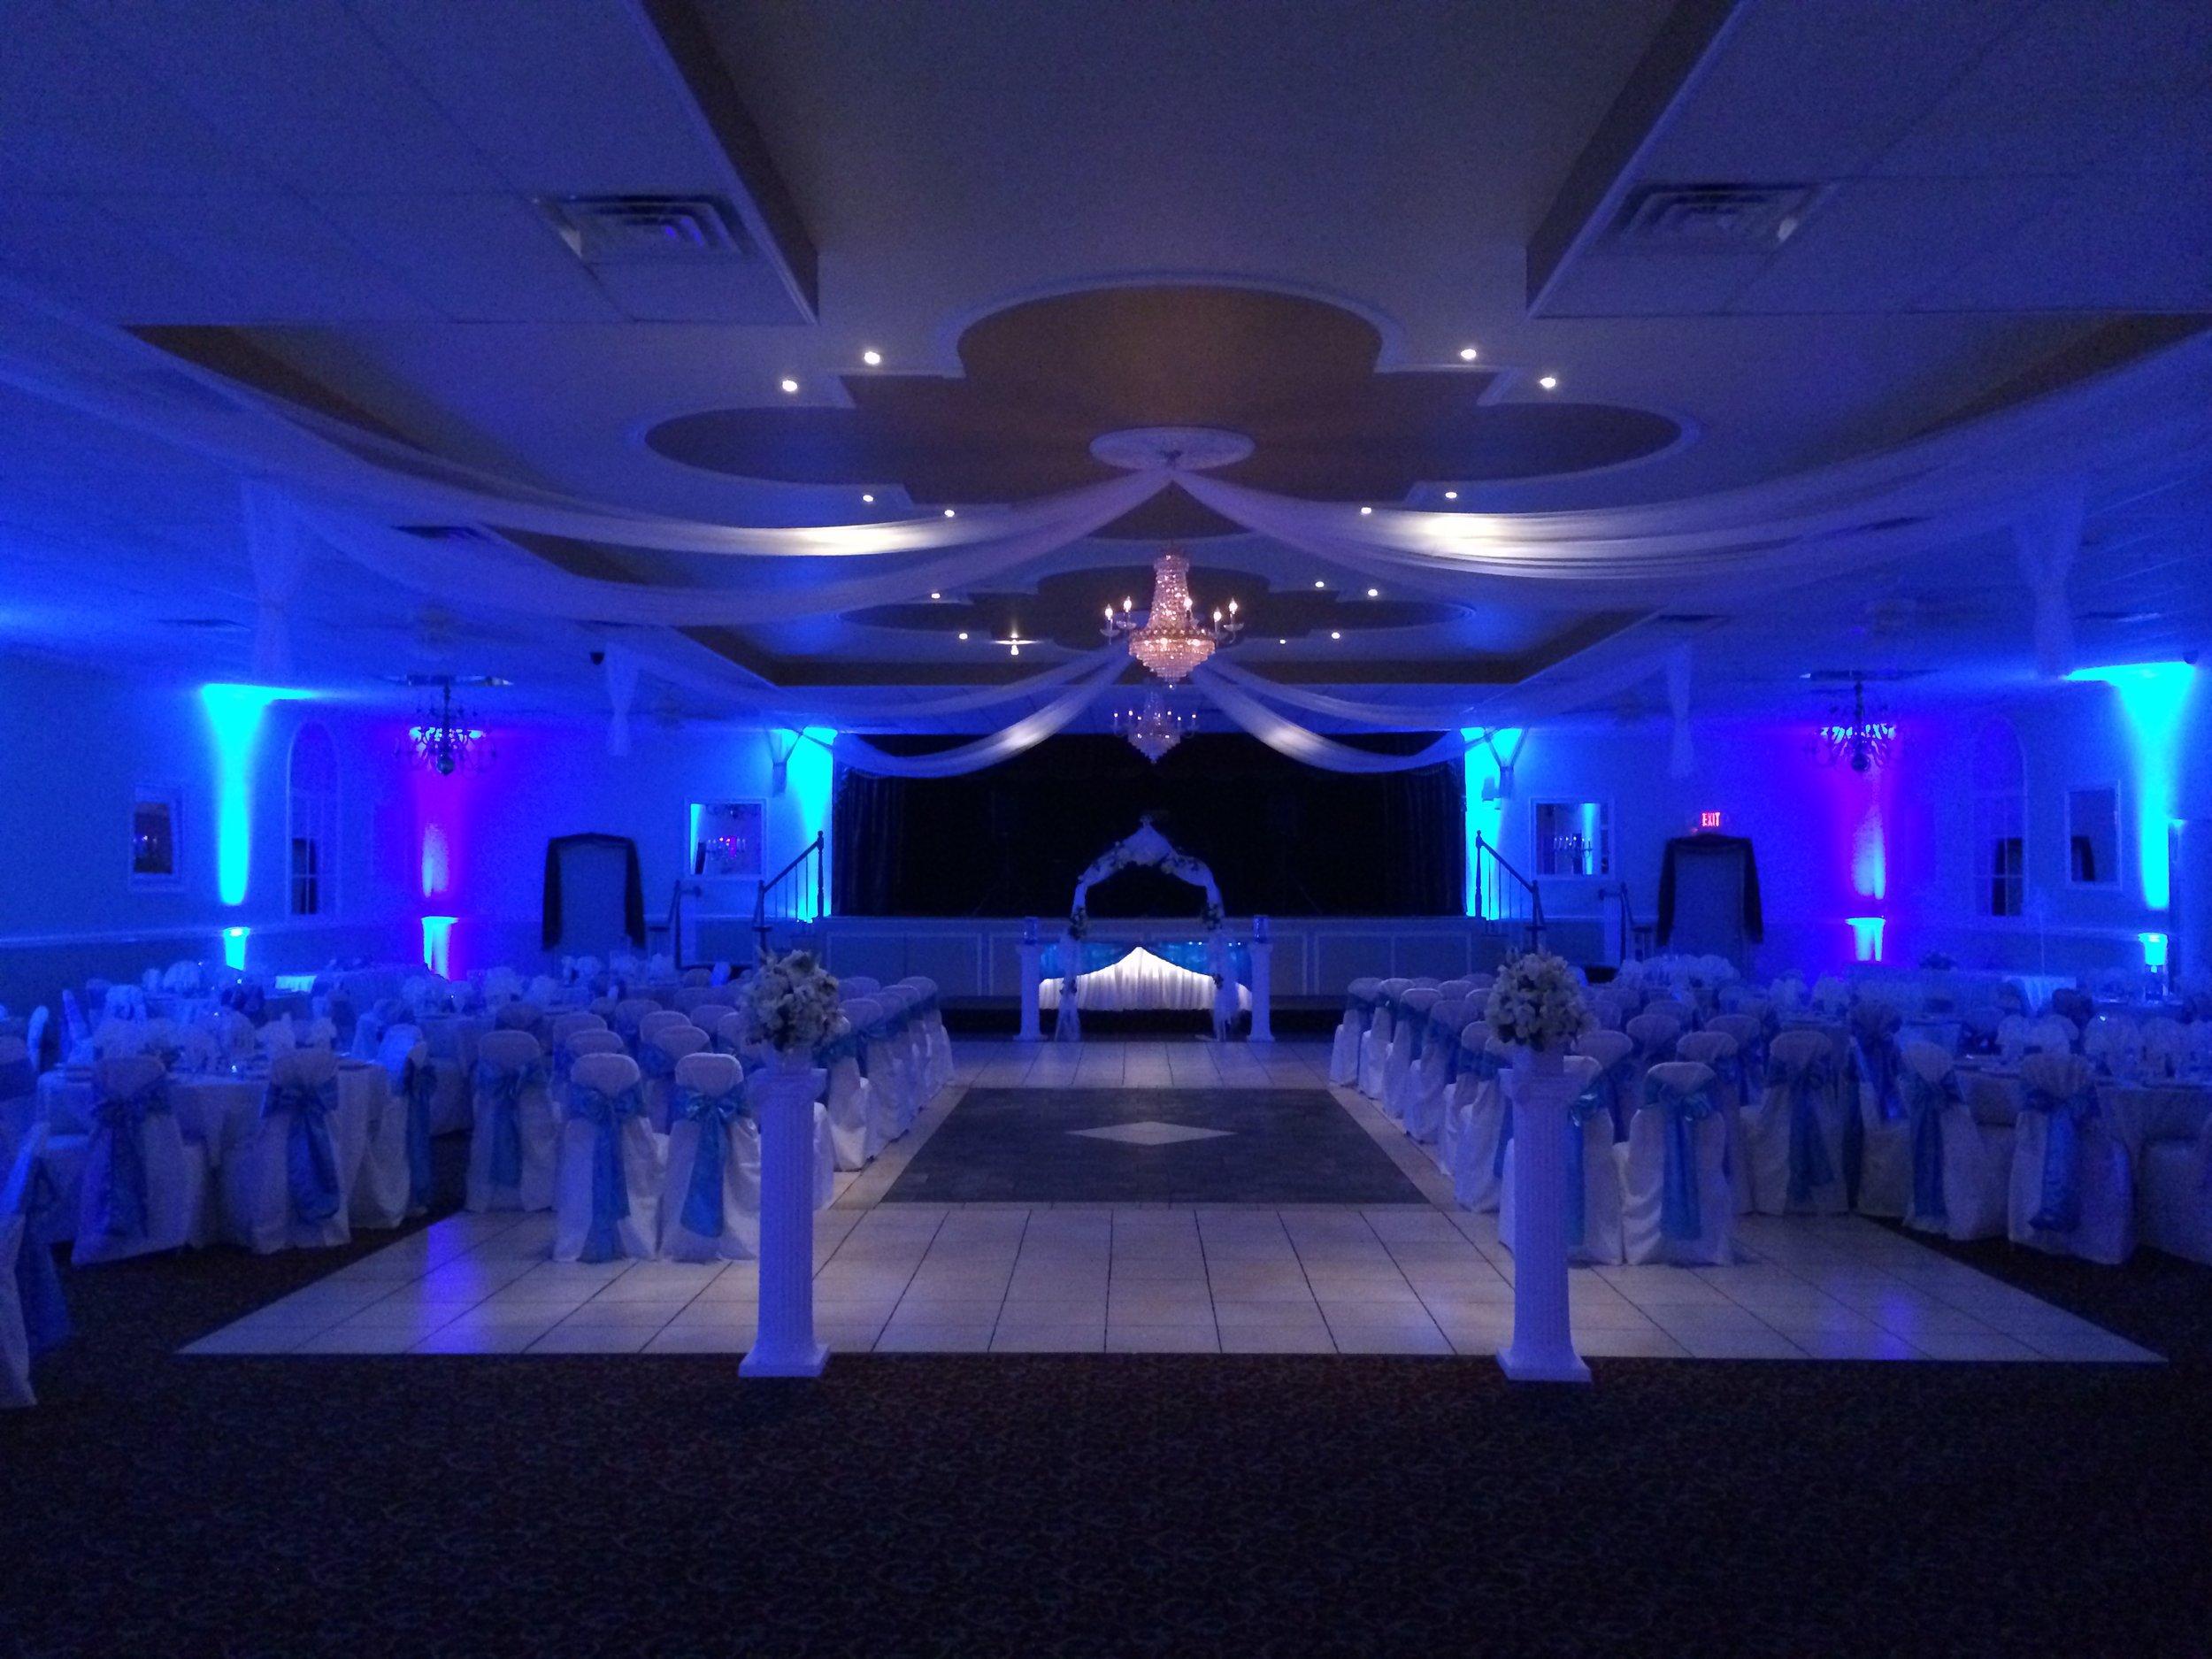 Fiesta Palace - Merrillville